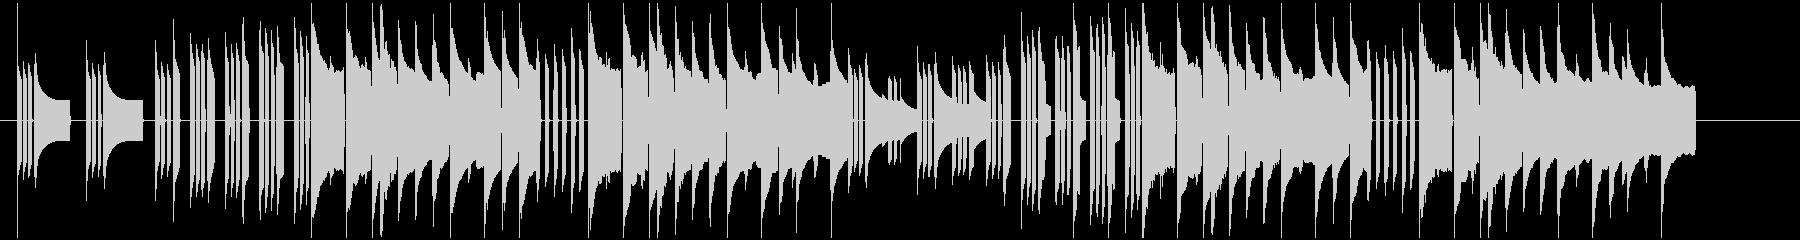 メンデルスゾーン「結婚行進曲」ファミコンの未再生の波形